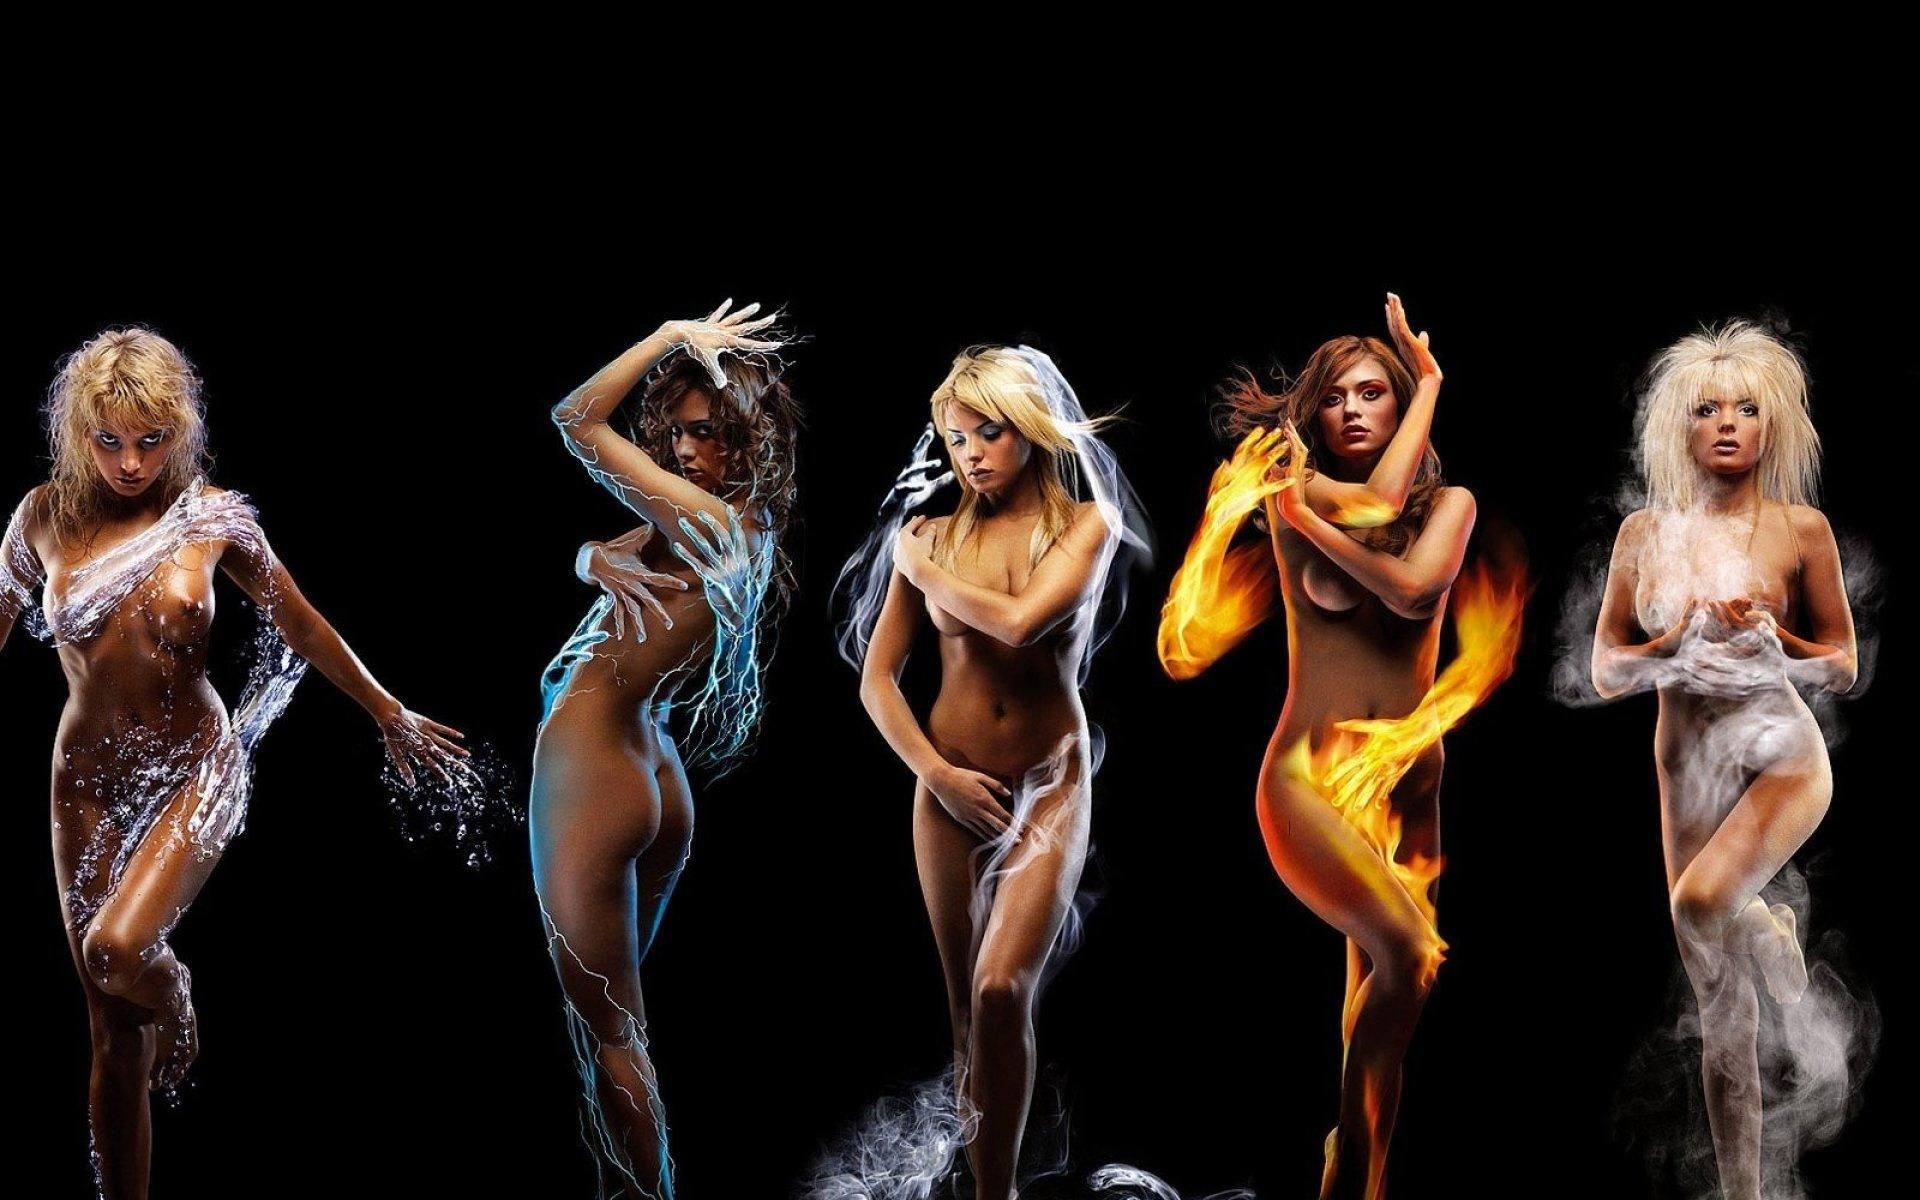 Скачать Бесплатно Танцующих Голых Девушек